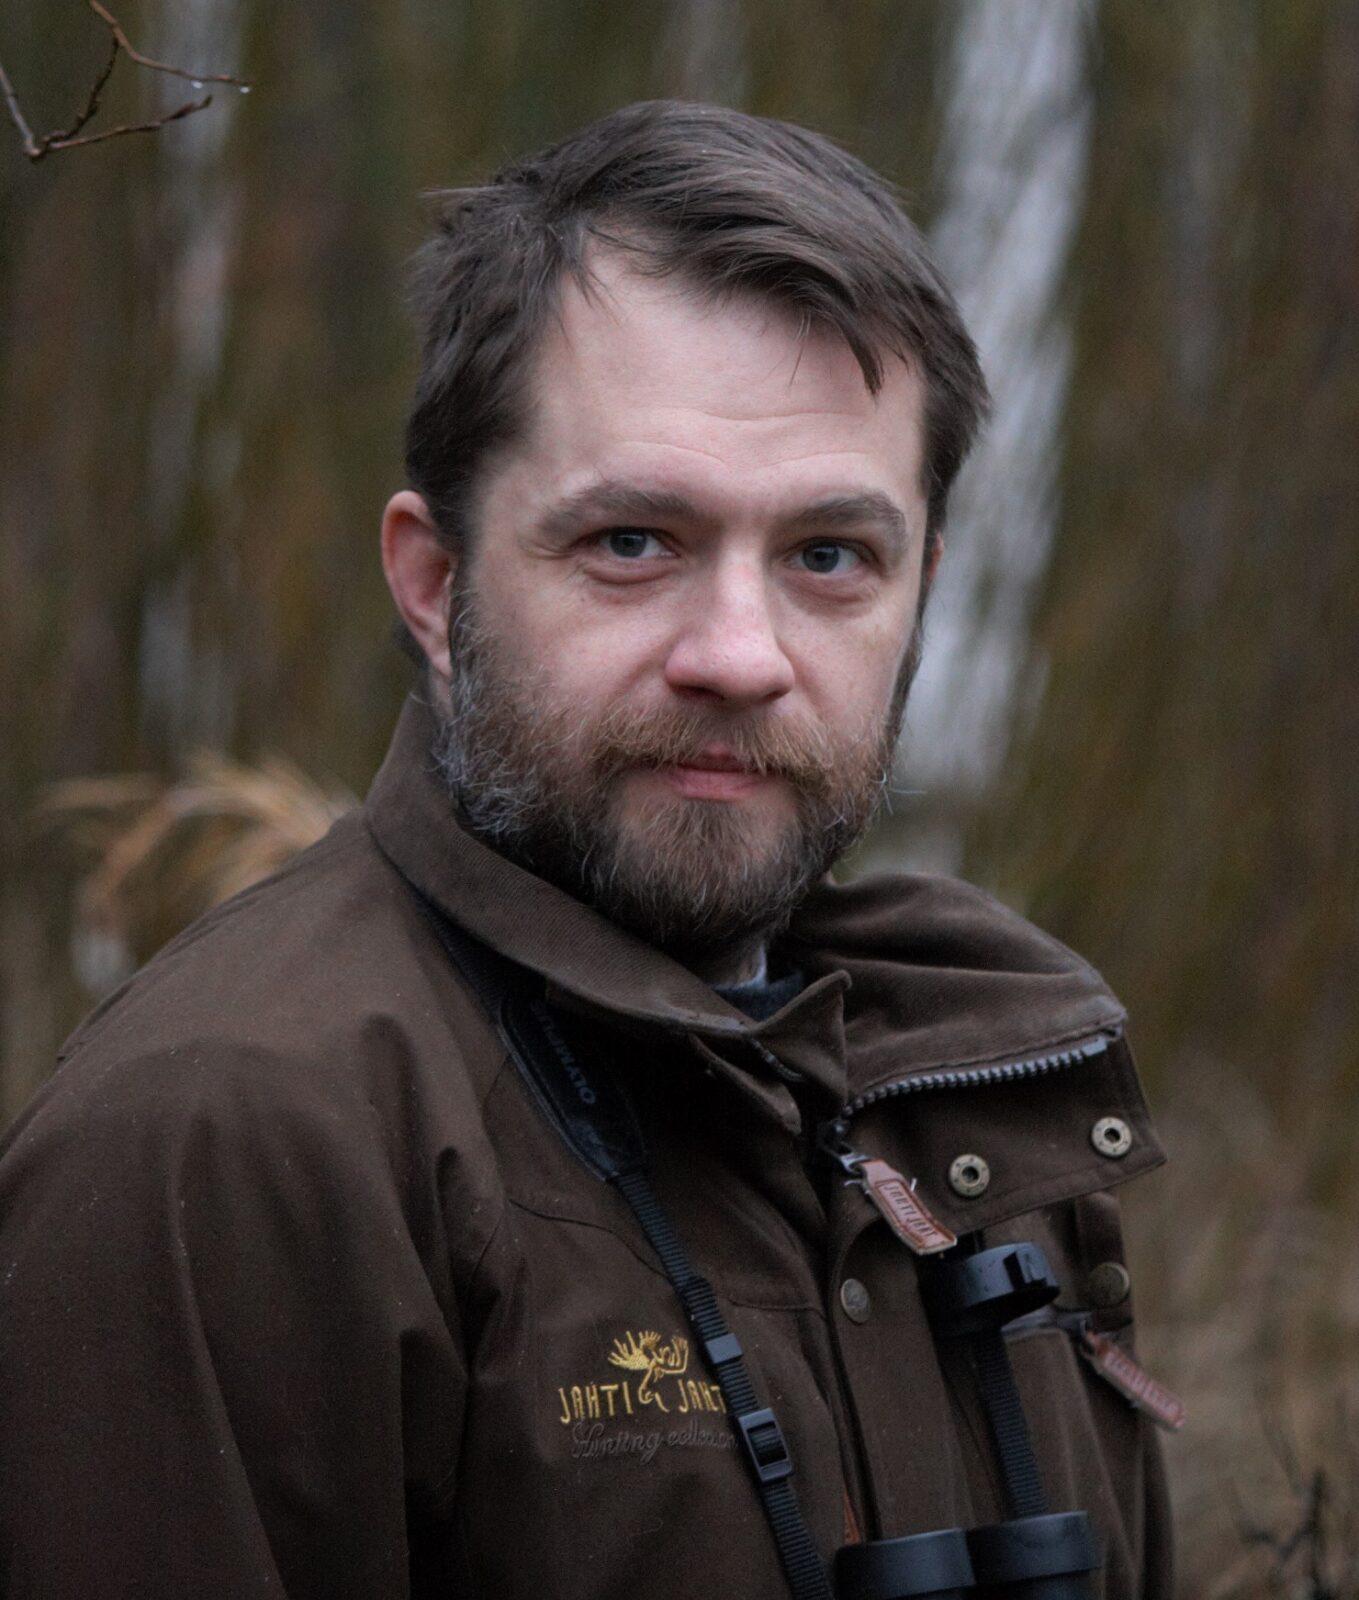 Vuoden 2020 retkikummi Sami Yliostö. Kuva: Kaisu Savolainen